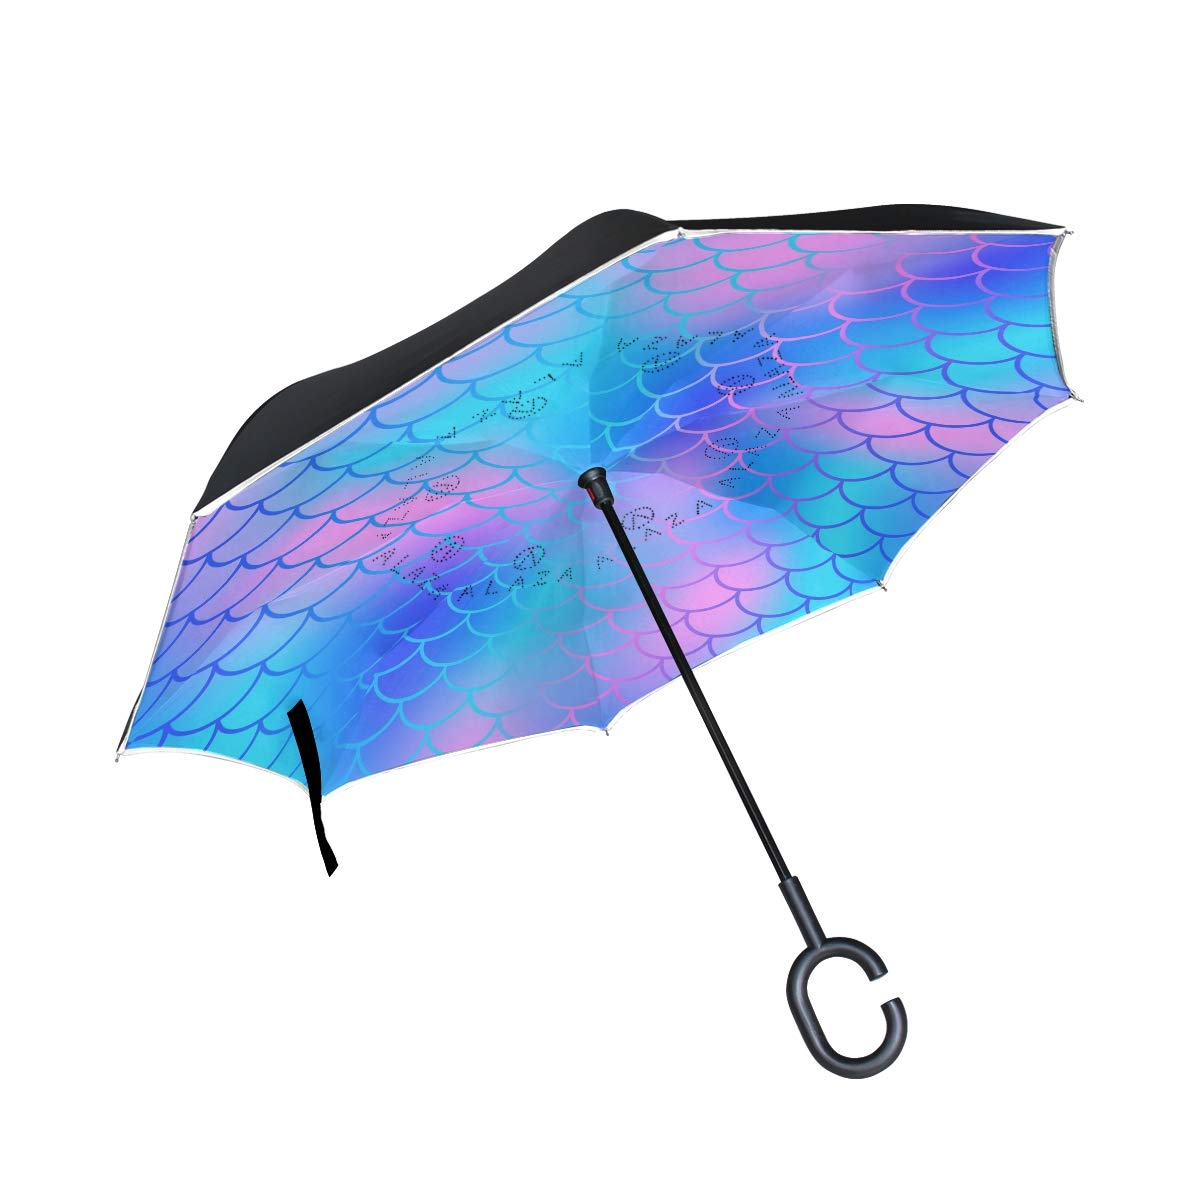 837bfedf3d2e Amazon.com : ATZUCL Beautiful Mermaid Scale Reverse Umbrella with C ...